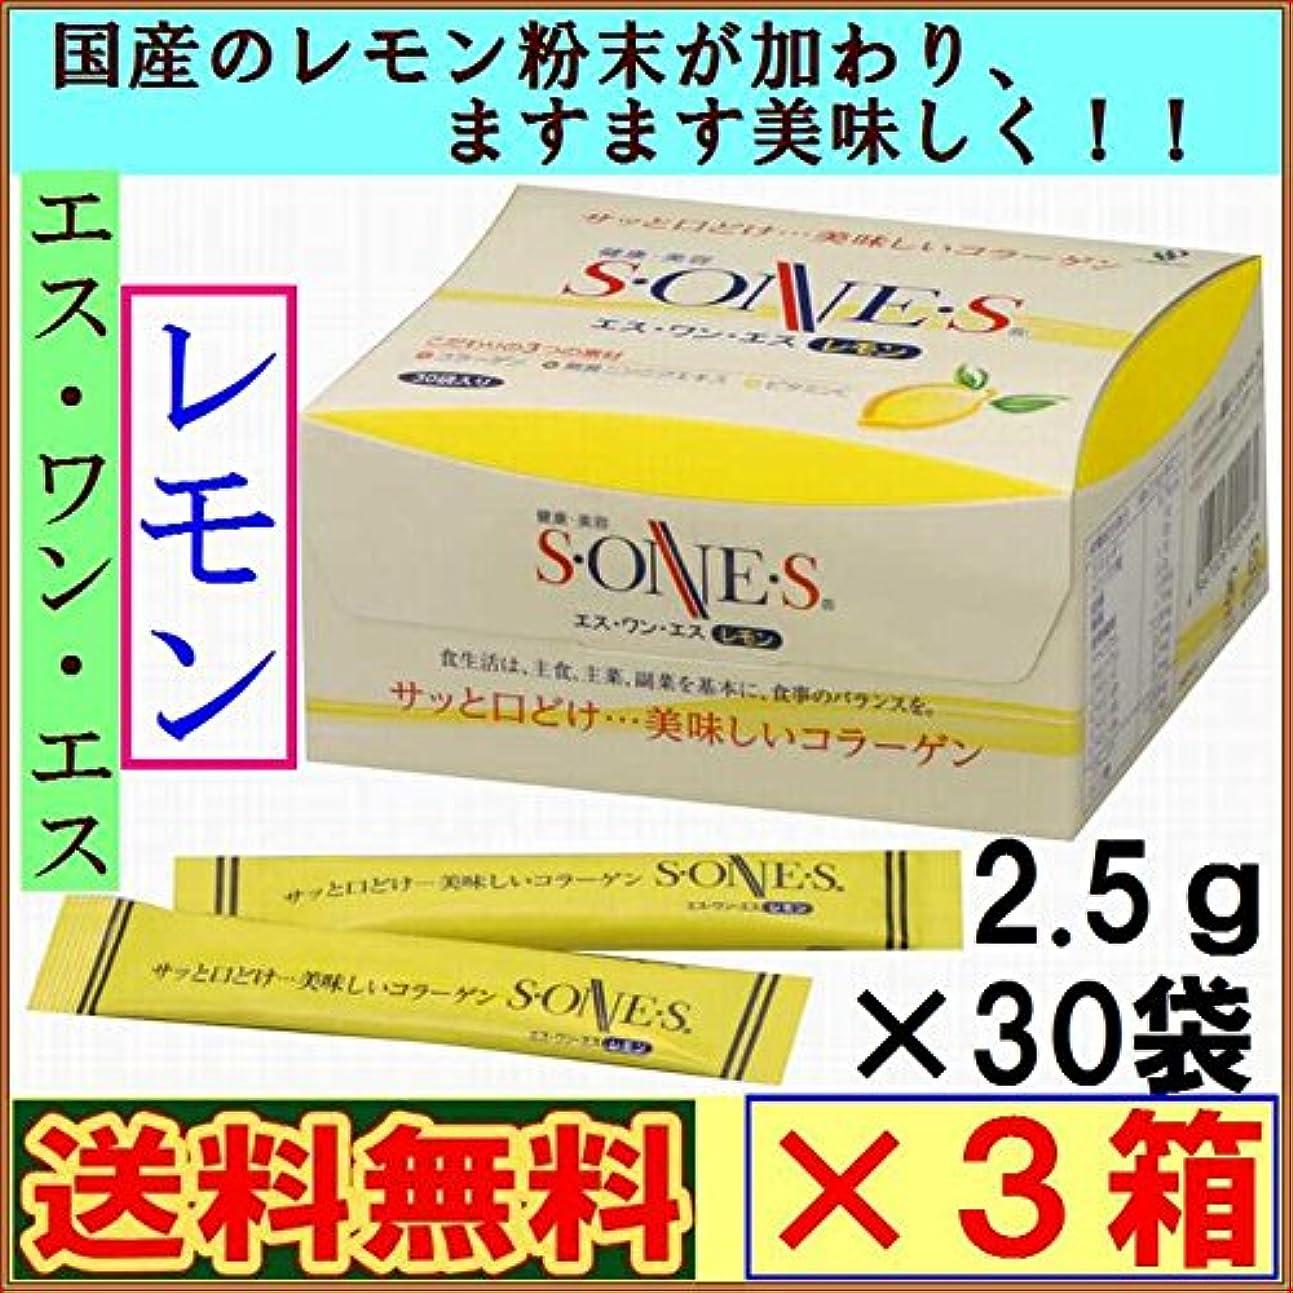 現代の赤ちゃん予感エス?ワン?エス レモン 2.5g×30袋 ×お得3箱セット《エスワンエス、レモン、S?ONE?S、コラーゲン、サチヴァミン複合体、ゼリーが出来るコラーゲン》